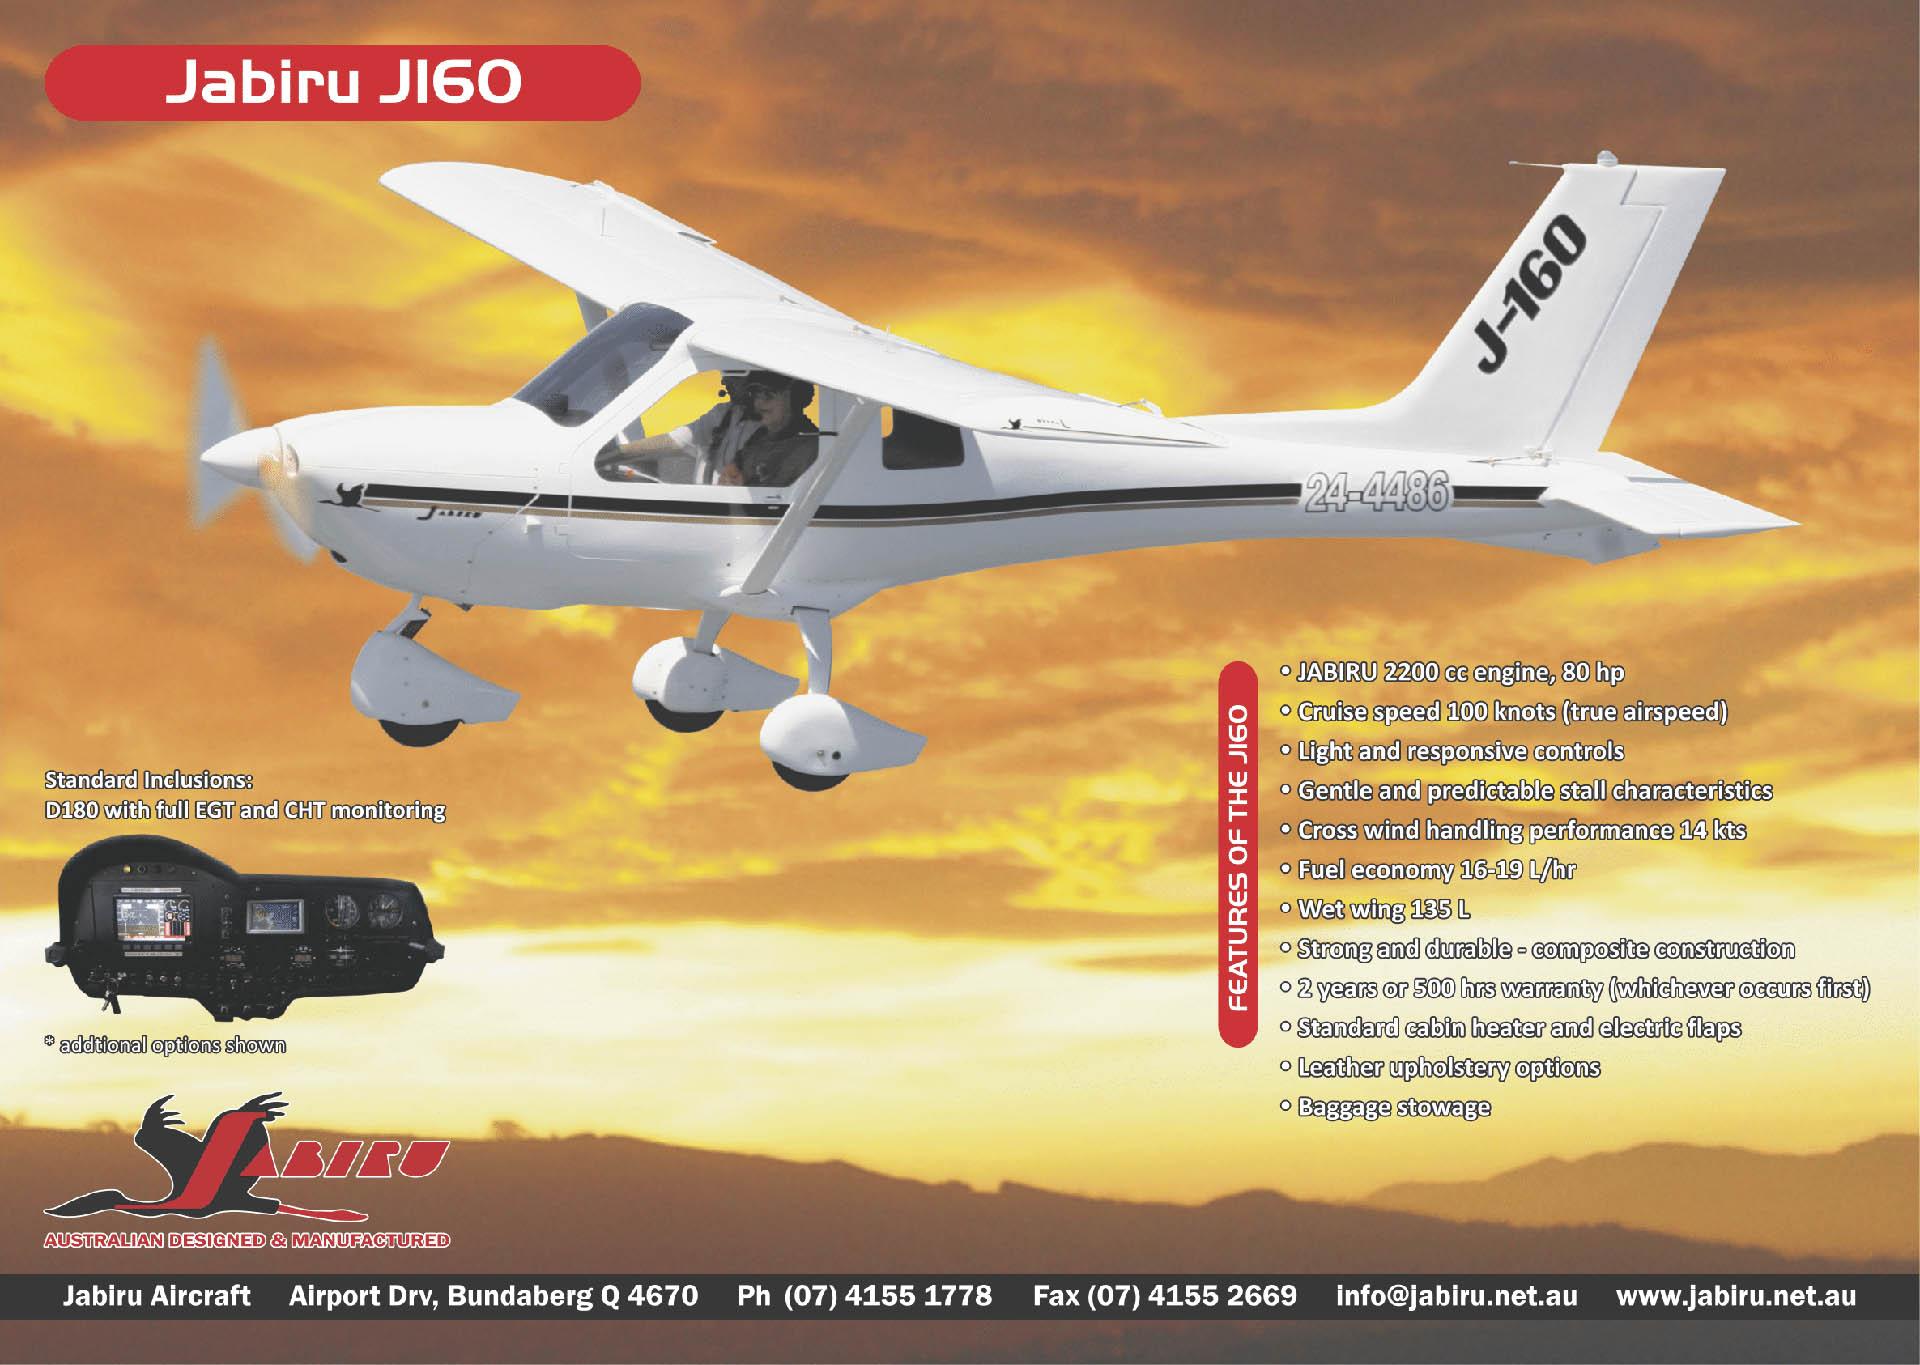 J160-D - Jabiru